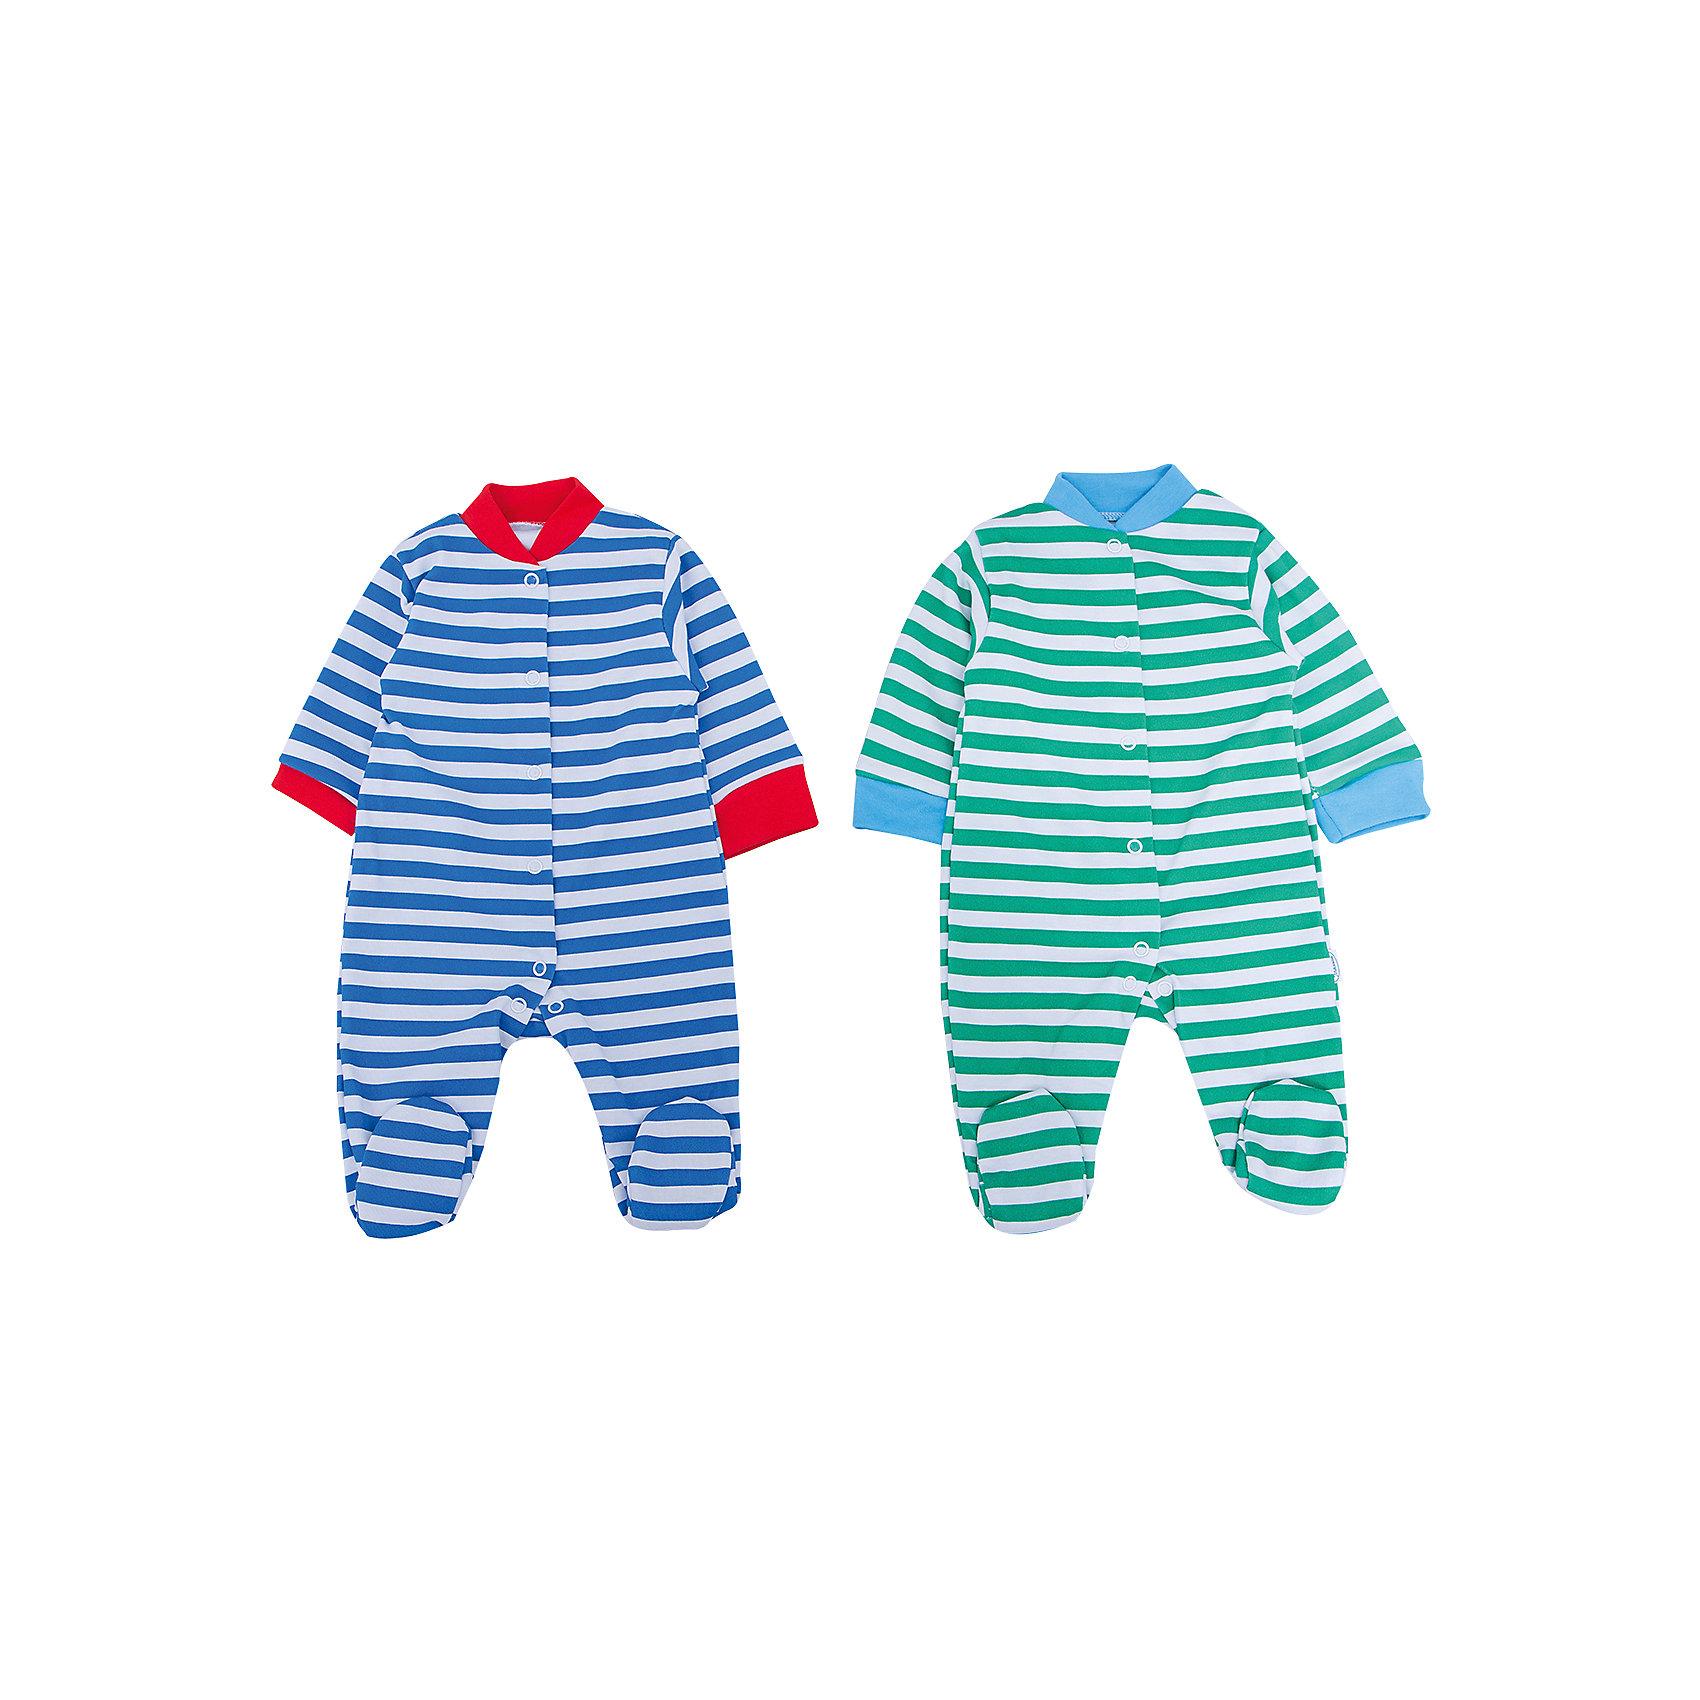 Комбинезон для мальчика, 2 шт. Веселый малышКомбинезоны<br>Одежда для малышей должна быть удобной и качественной - это один из необходимых факторов для правильного развития и хорошего самочувствия ребенка.<br>Эти комбинезоны отличаются высоким качеством швов, продуманным кроем, что позволяет им хорошо фиксироваться на теле малыша, не сползать и не натирать. Застежки - удобные кнопки, которые не мешают ребенку. Материал - интерлок. Это плотная ткань из натурального хлопка, гладкая, приятная на ощупь, дышащая и гипоаллергенная. Расцветка изделий позволяет легко комбинировать их с различной одеждой. В наборе - два комбинезона разных цветов.<br><br>Дополнительная информация:<br><br>материал: 100% хлопок интерлок;<br>застежки: кнопки;<br>длинный рукав;<br>комплектация: 2 комбинезона.<br><br>Комплект комбинезонов от бренда Веселый малыш можно купить в нашем магазине.<br><br>Ширина мм: 157<br>Глубина мм: 13<br>Высота мм: 119<br>Вес г: 200<br>Цвет: зеленый<br>Возраст от месяцев: 12<br>Возраст до месяцев: 15<br>Пол: Мужской<br>Возраст: Детский<br>Размер: 80,62,68,74,56<br>SKU: 4810274